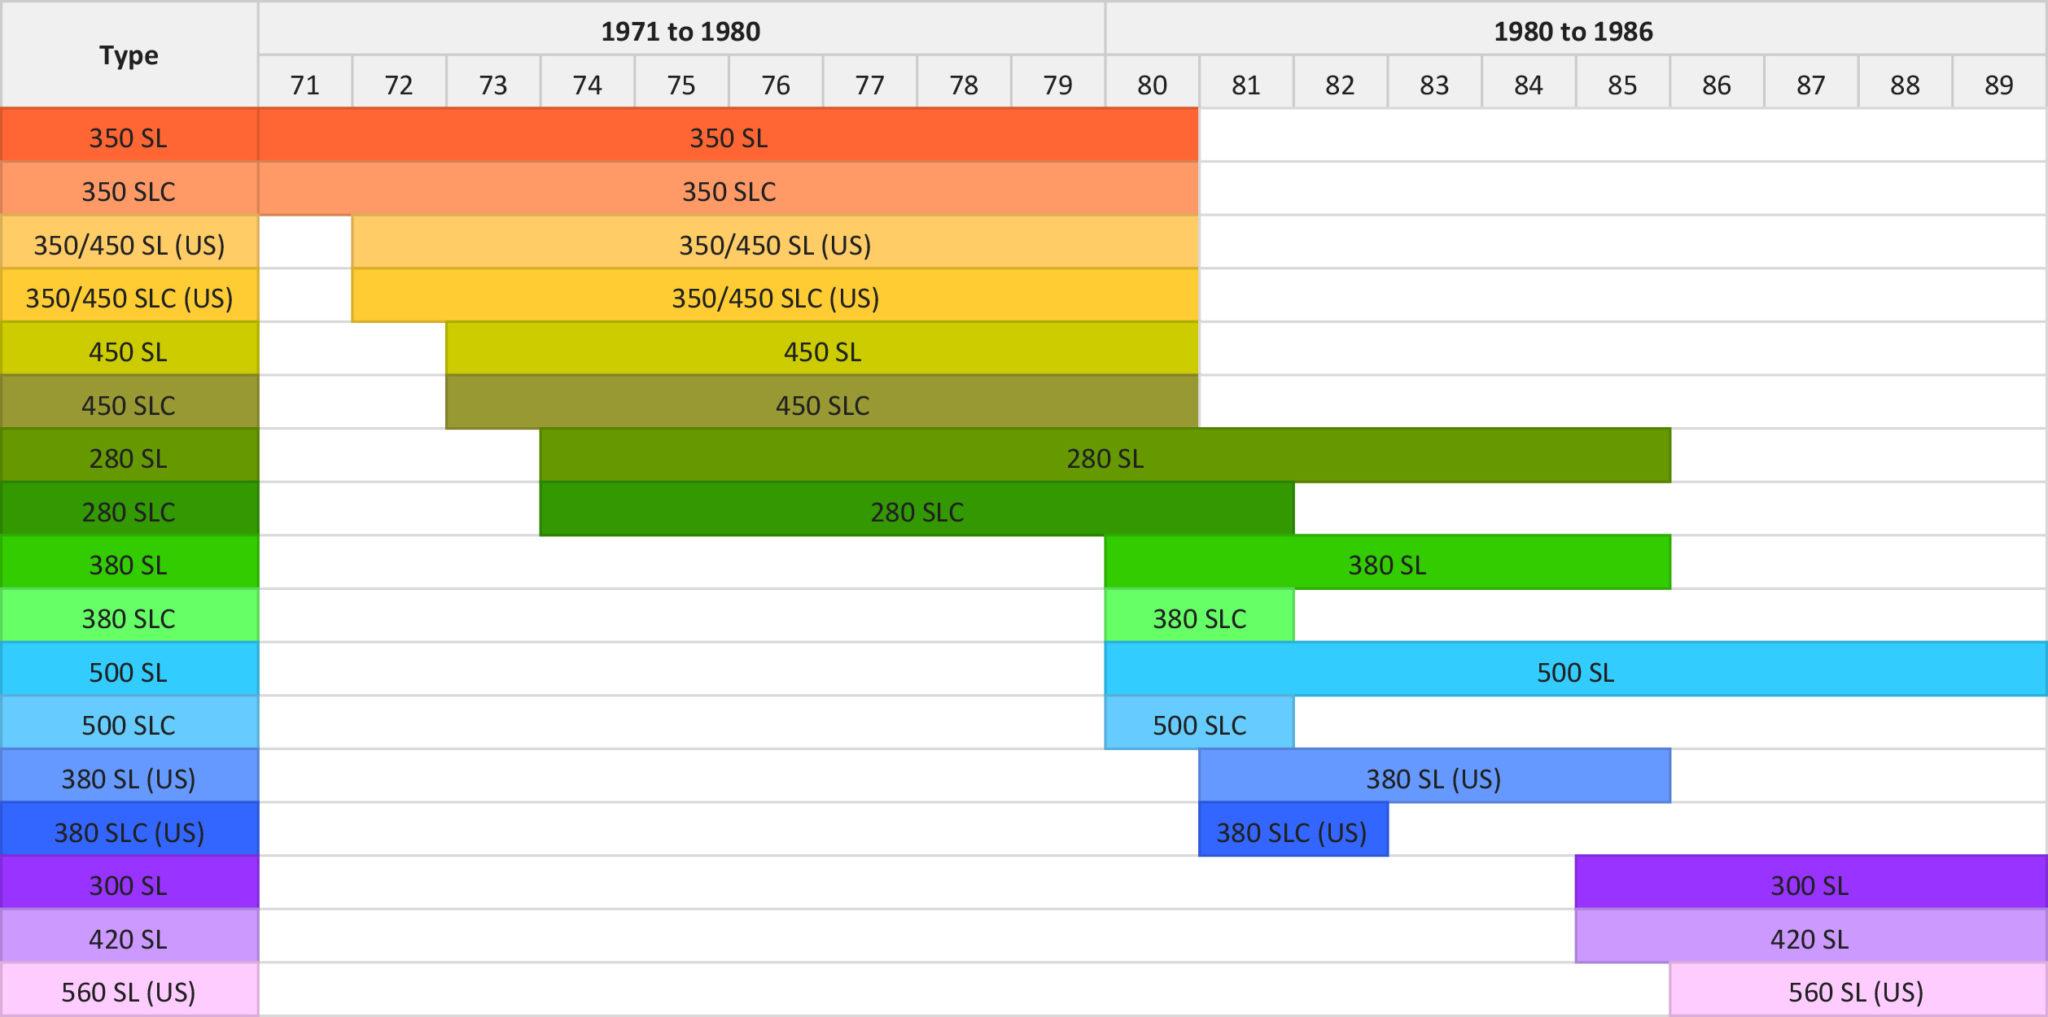 Mercedes-Benz R107 SL Model and Engine Timeline